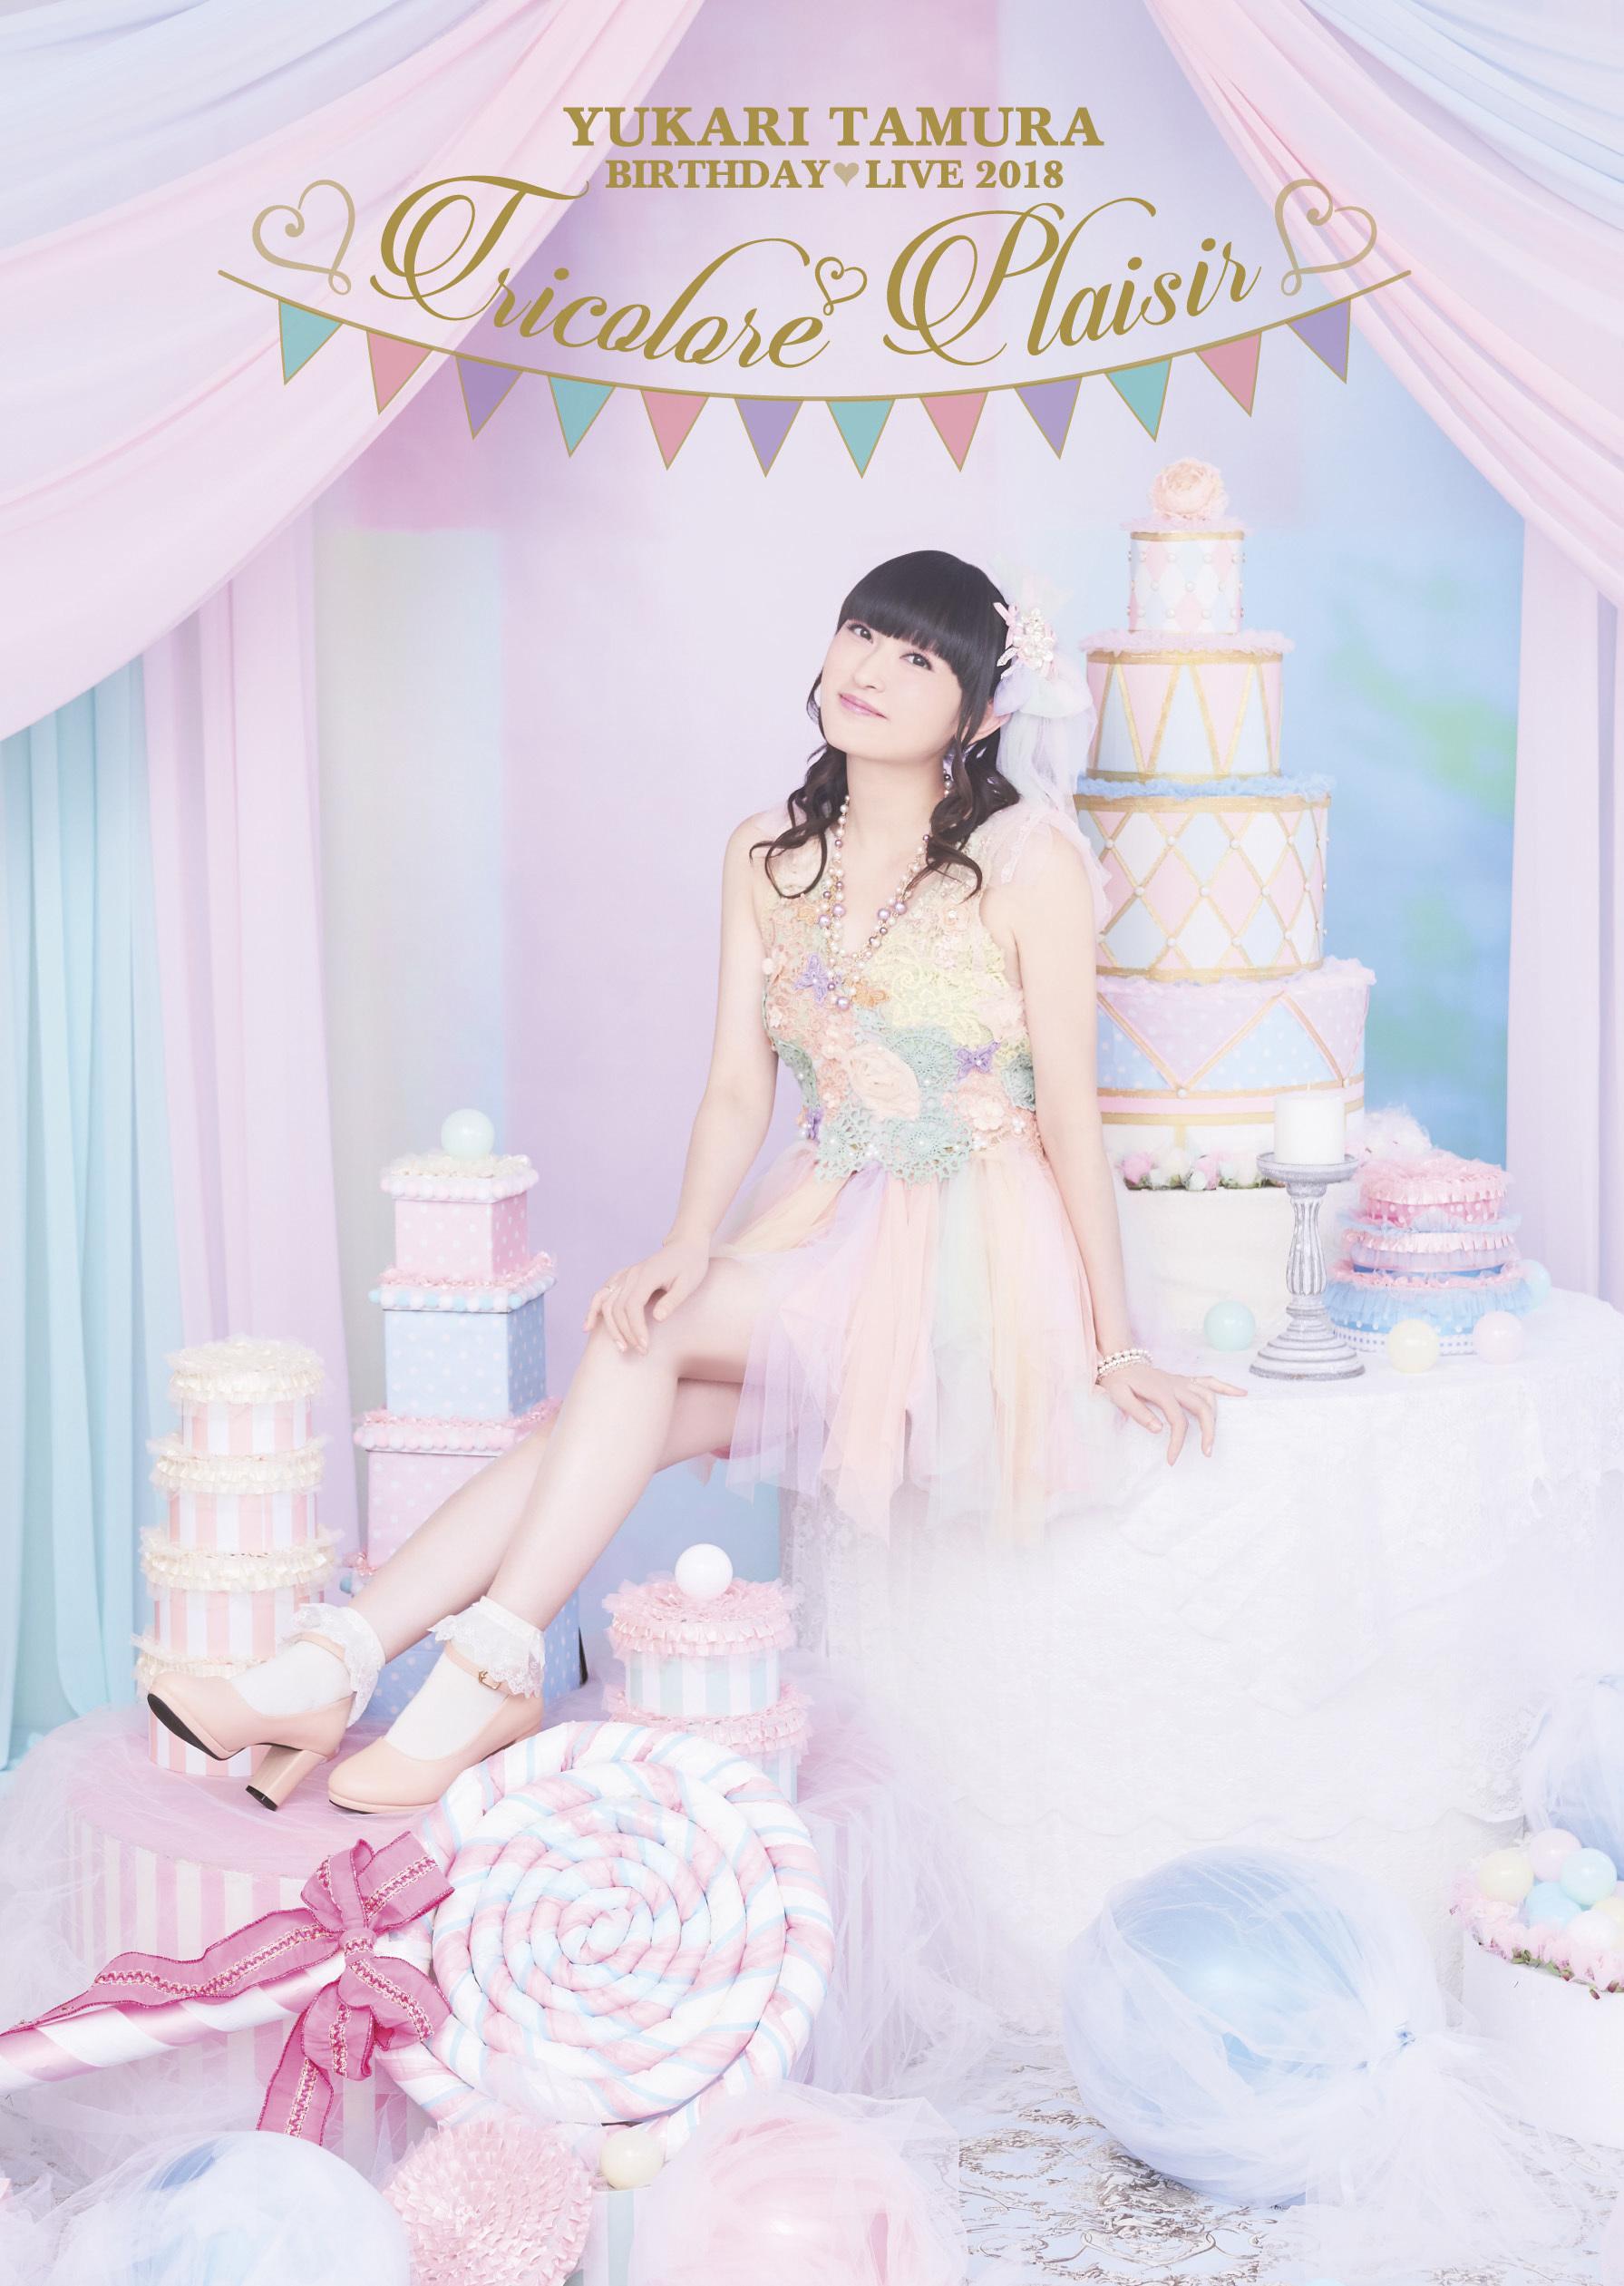 『田村ゆかり BIRTHDAY ♡ LIVE 2018 *Tricolore ♡ Plaisir*』DVD盤